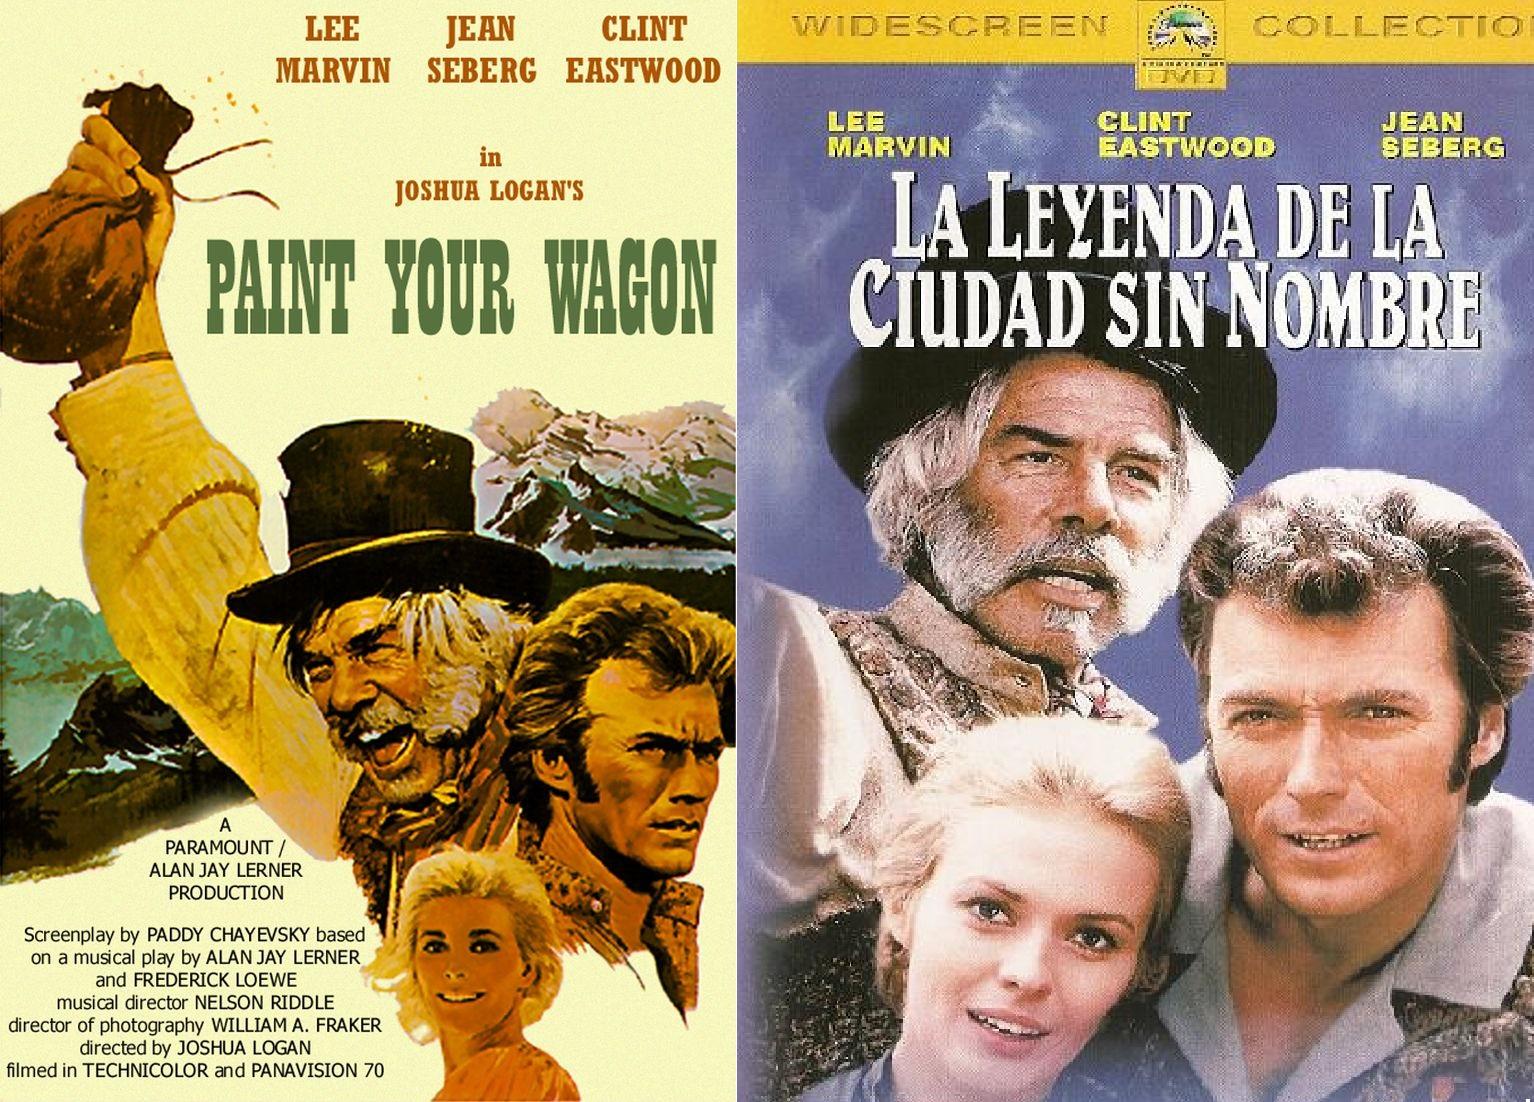 Las traducciones más locas de títulos de películas